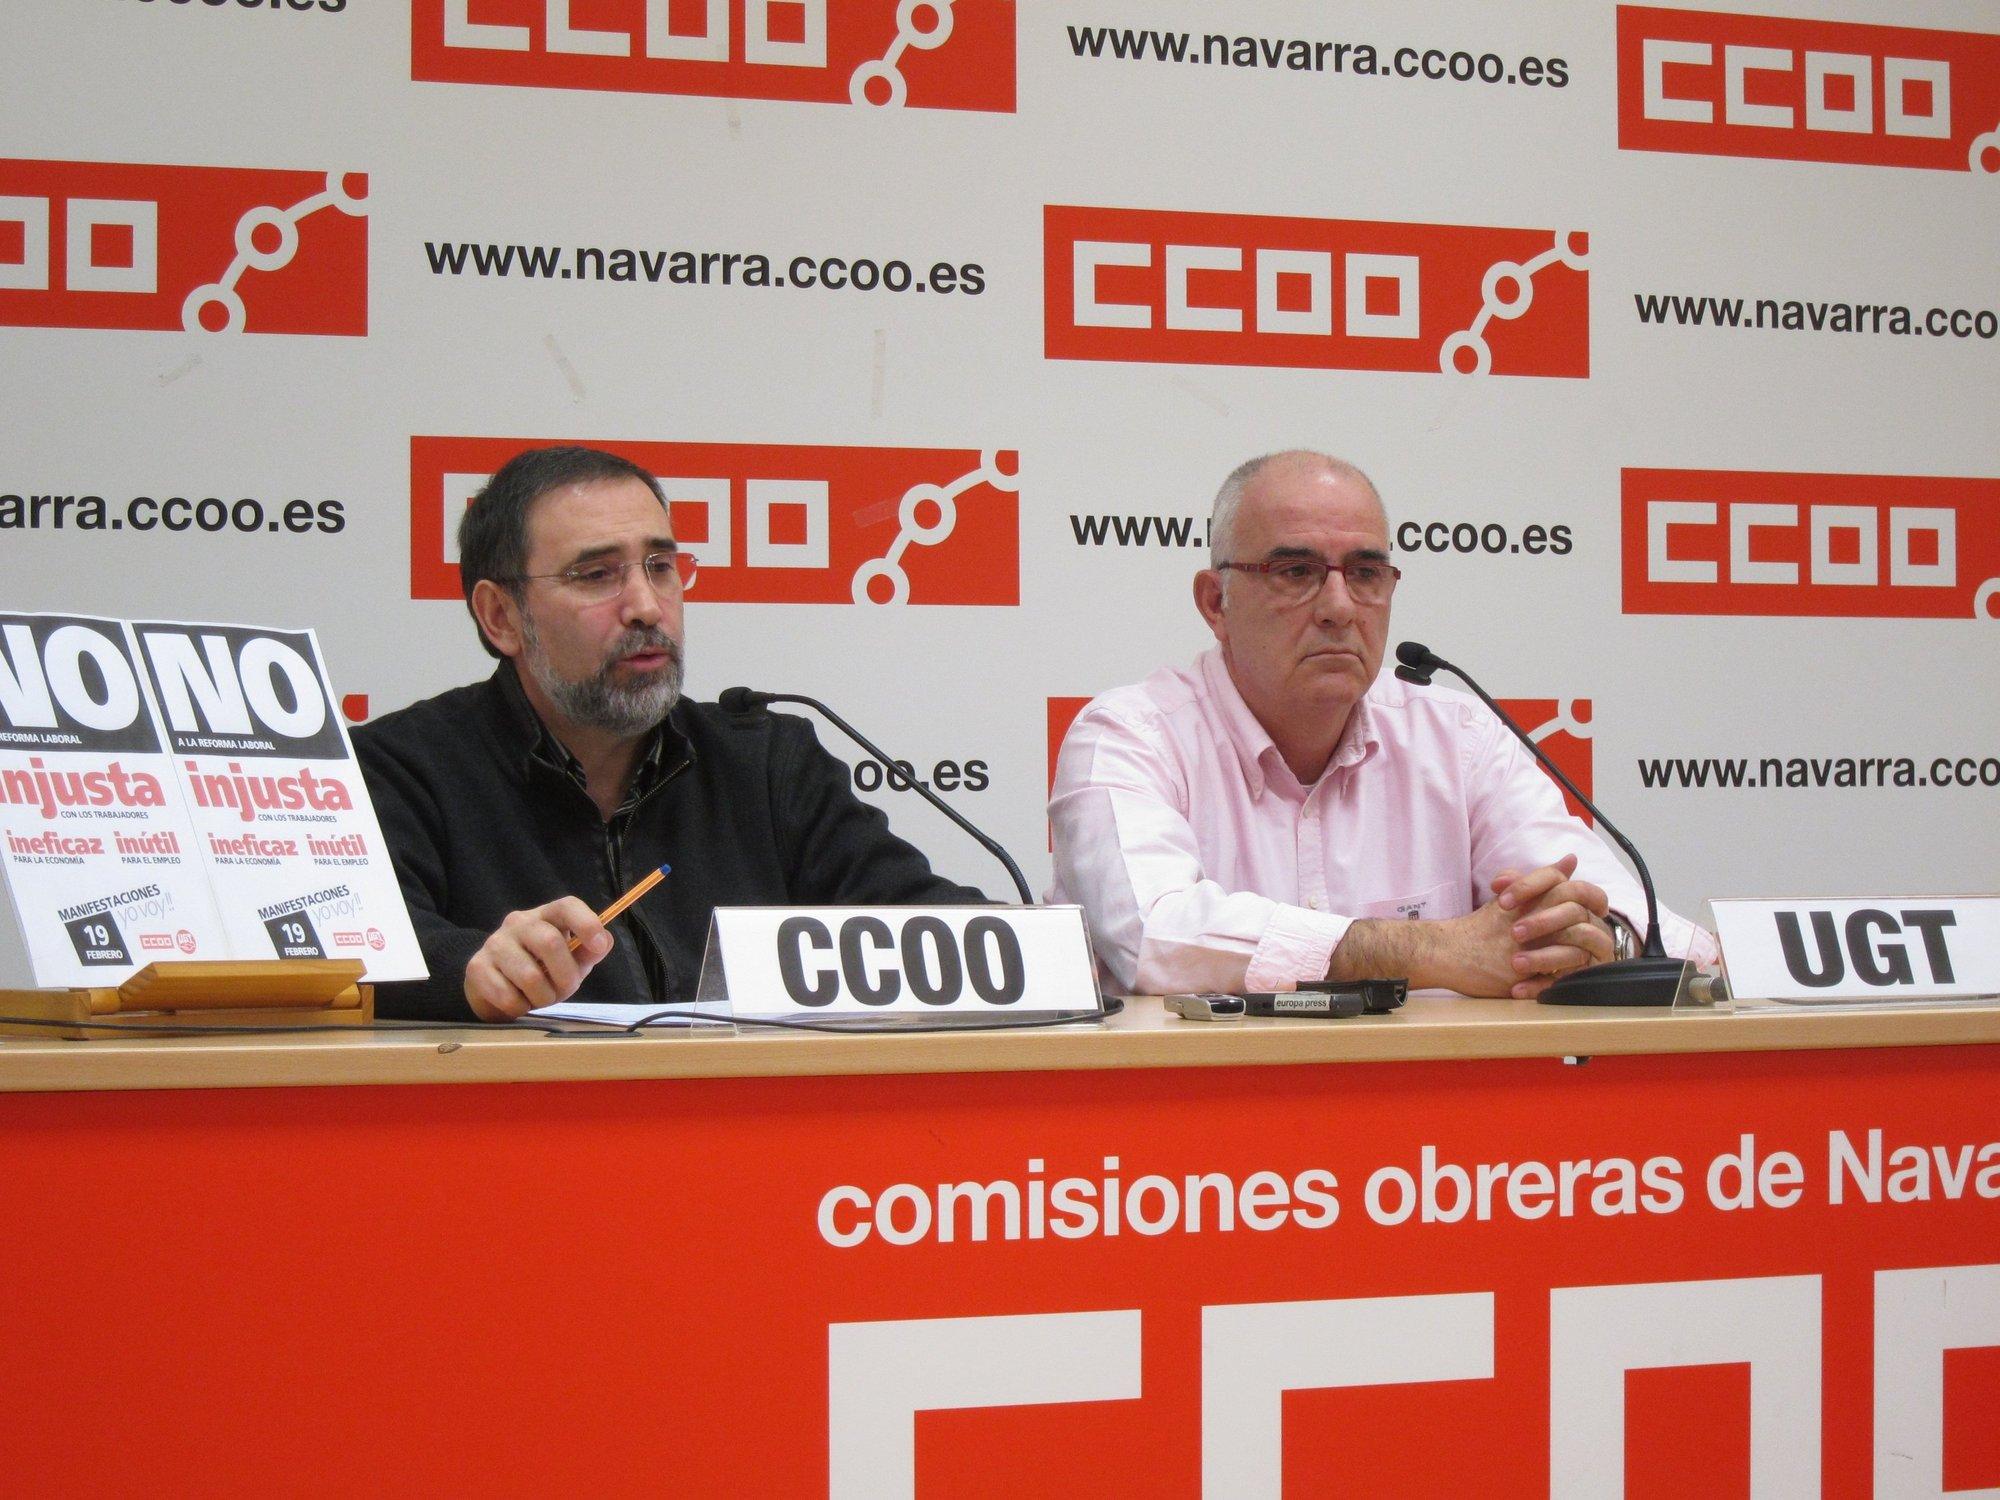 UGT y CCOO esperan una respuesta «contundente» en la manifestación del domingo y piden «unidad» contra la reforma